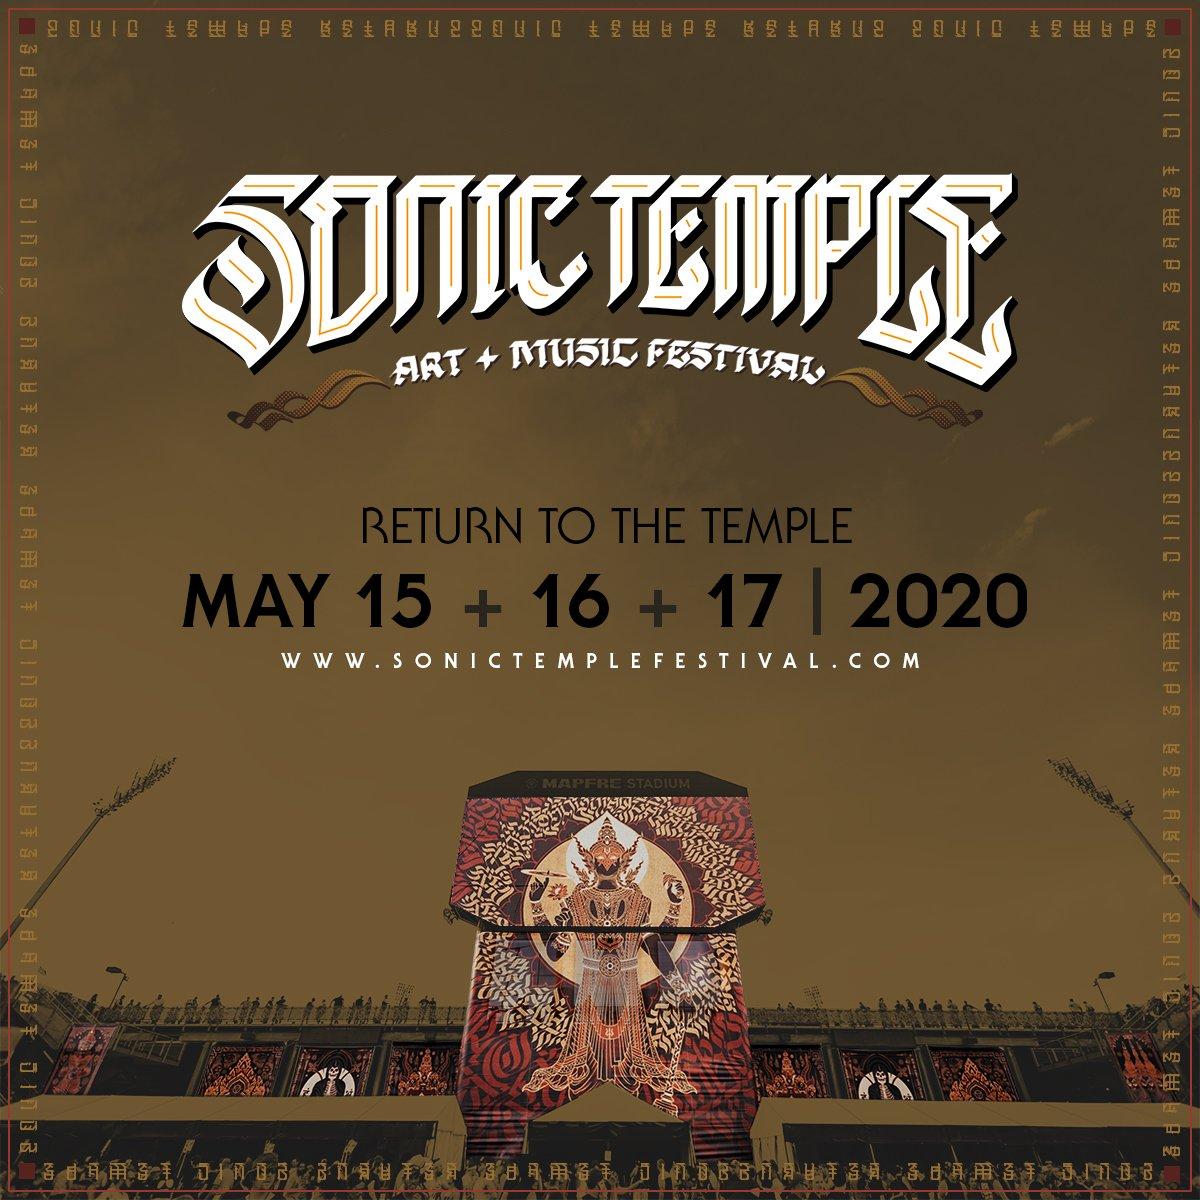 Italian Festival Dayton Ohio 2020 SonicTempleFestival (@SonicTempleFest)   Twitter